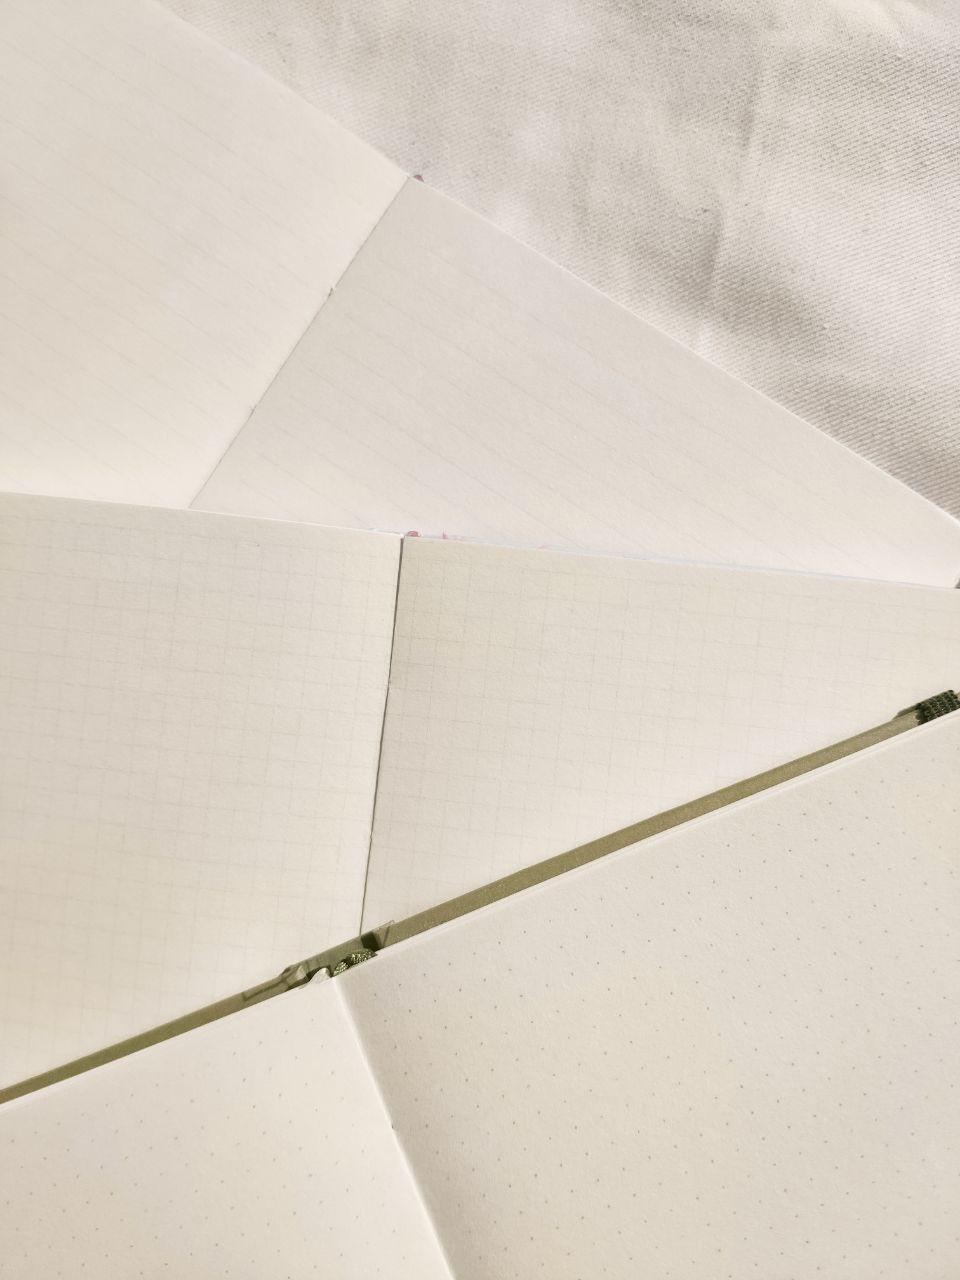 caderneta folhagem papel 120g/m²